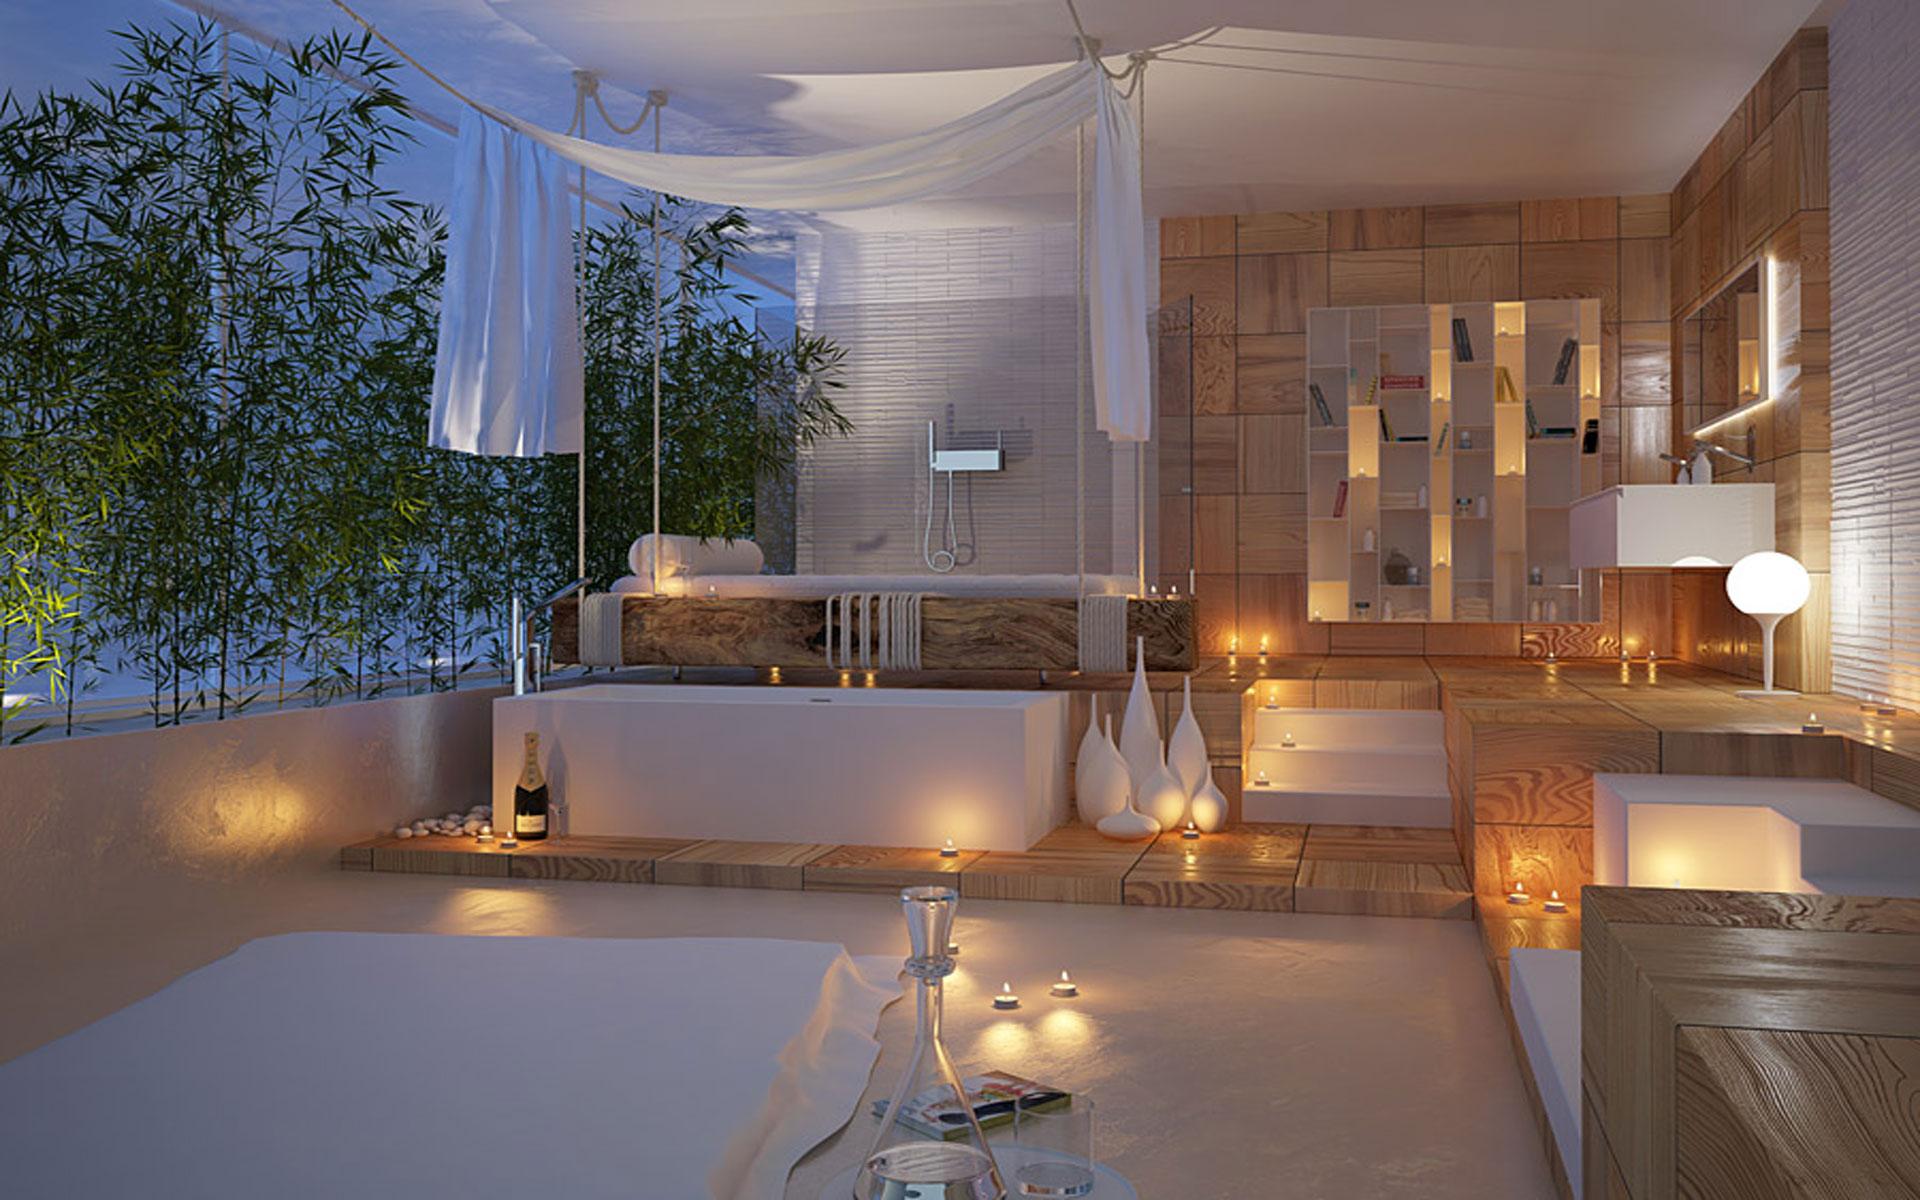 Spa-like Master Bathroom Ideas